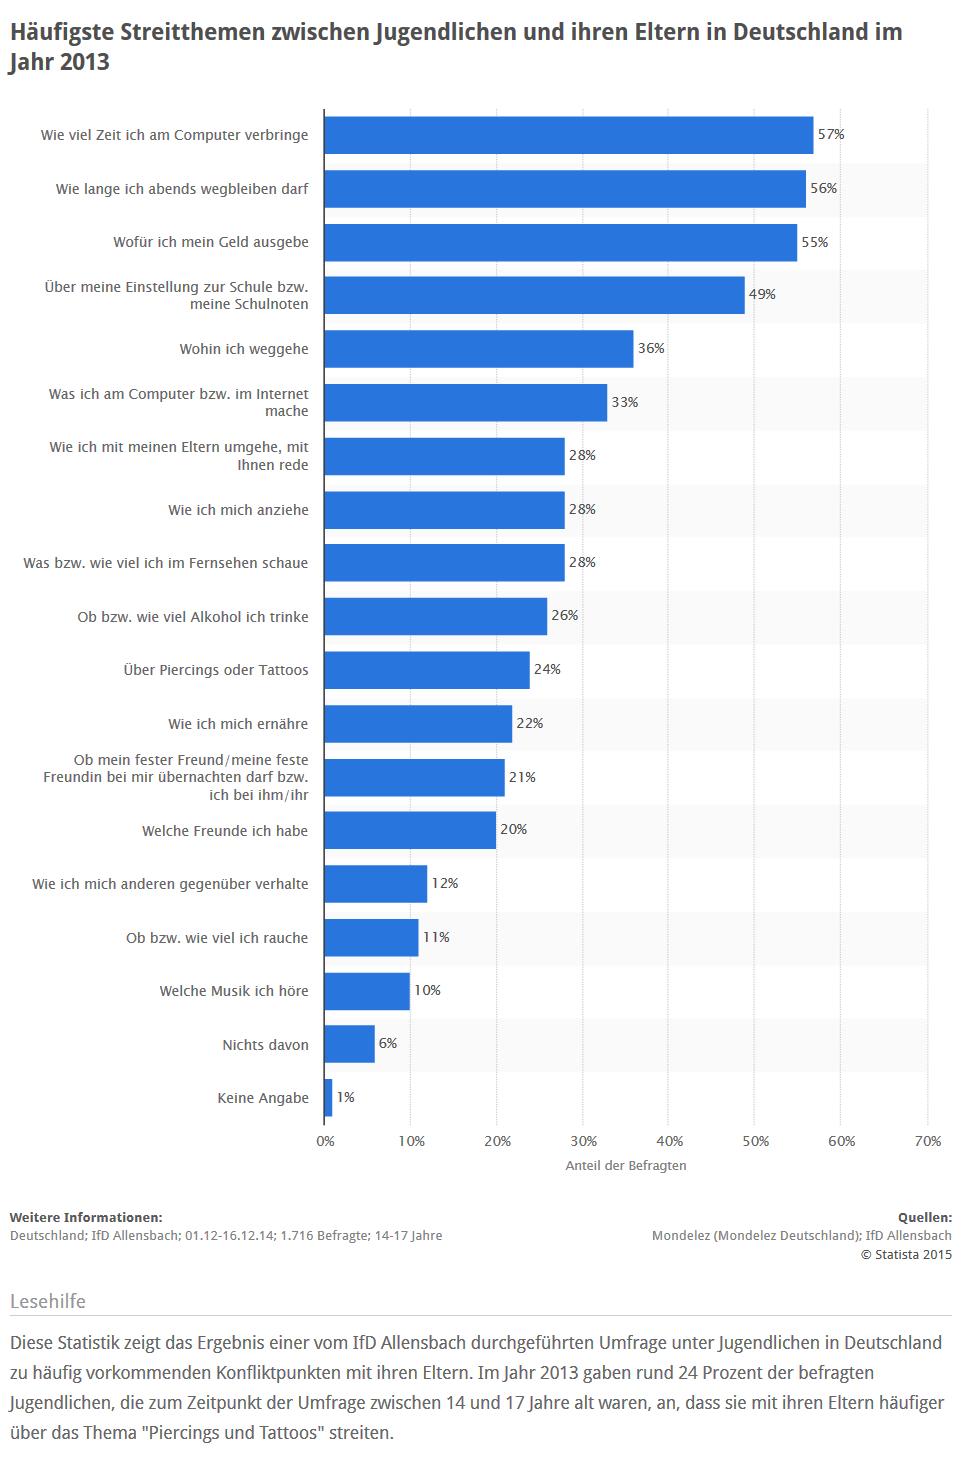 5 Statistiken zum Familienleben in Deutschland - www